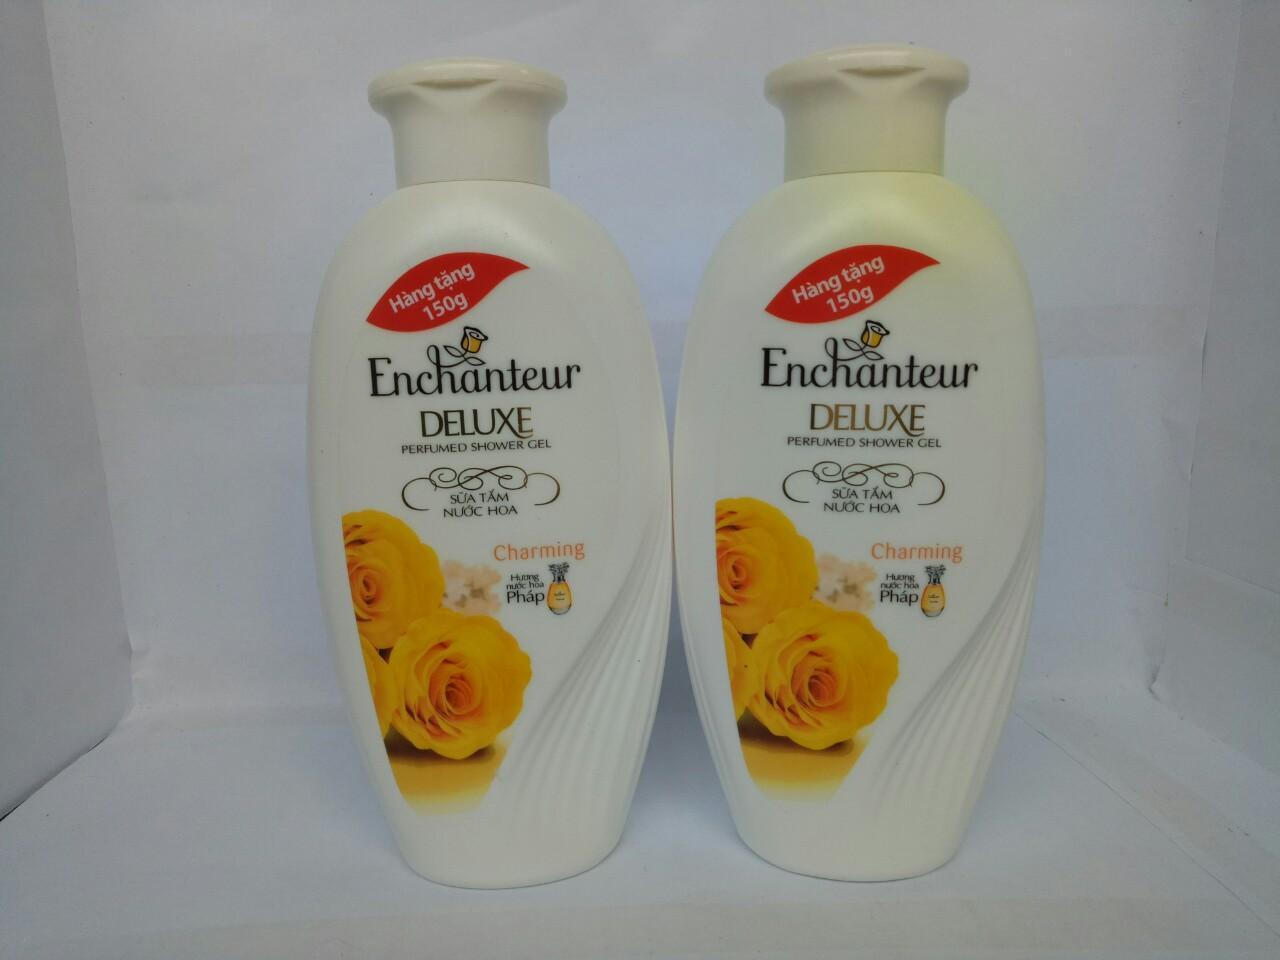 Combo 2 chai Sữa Tắm Trắng Và Dưỡng Ẩm có hạt Enchanteur Deluxe 150g + tặng 1 túi đựng mỹ phẩm nhập khẩu